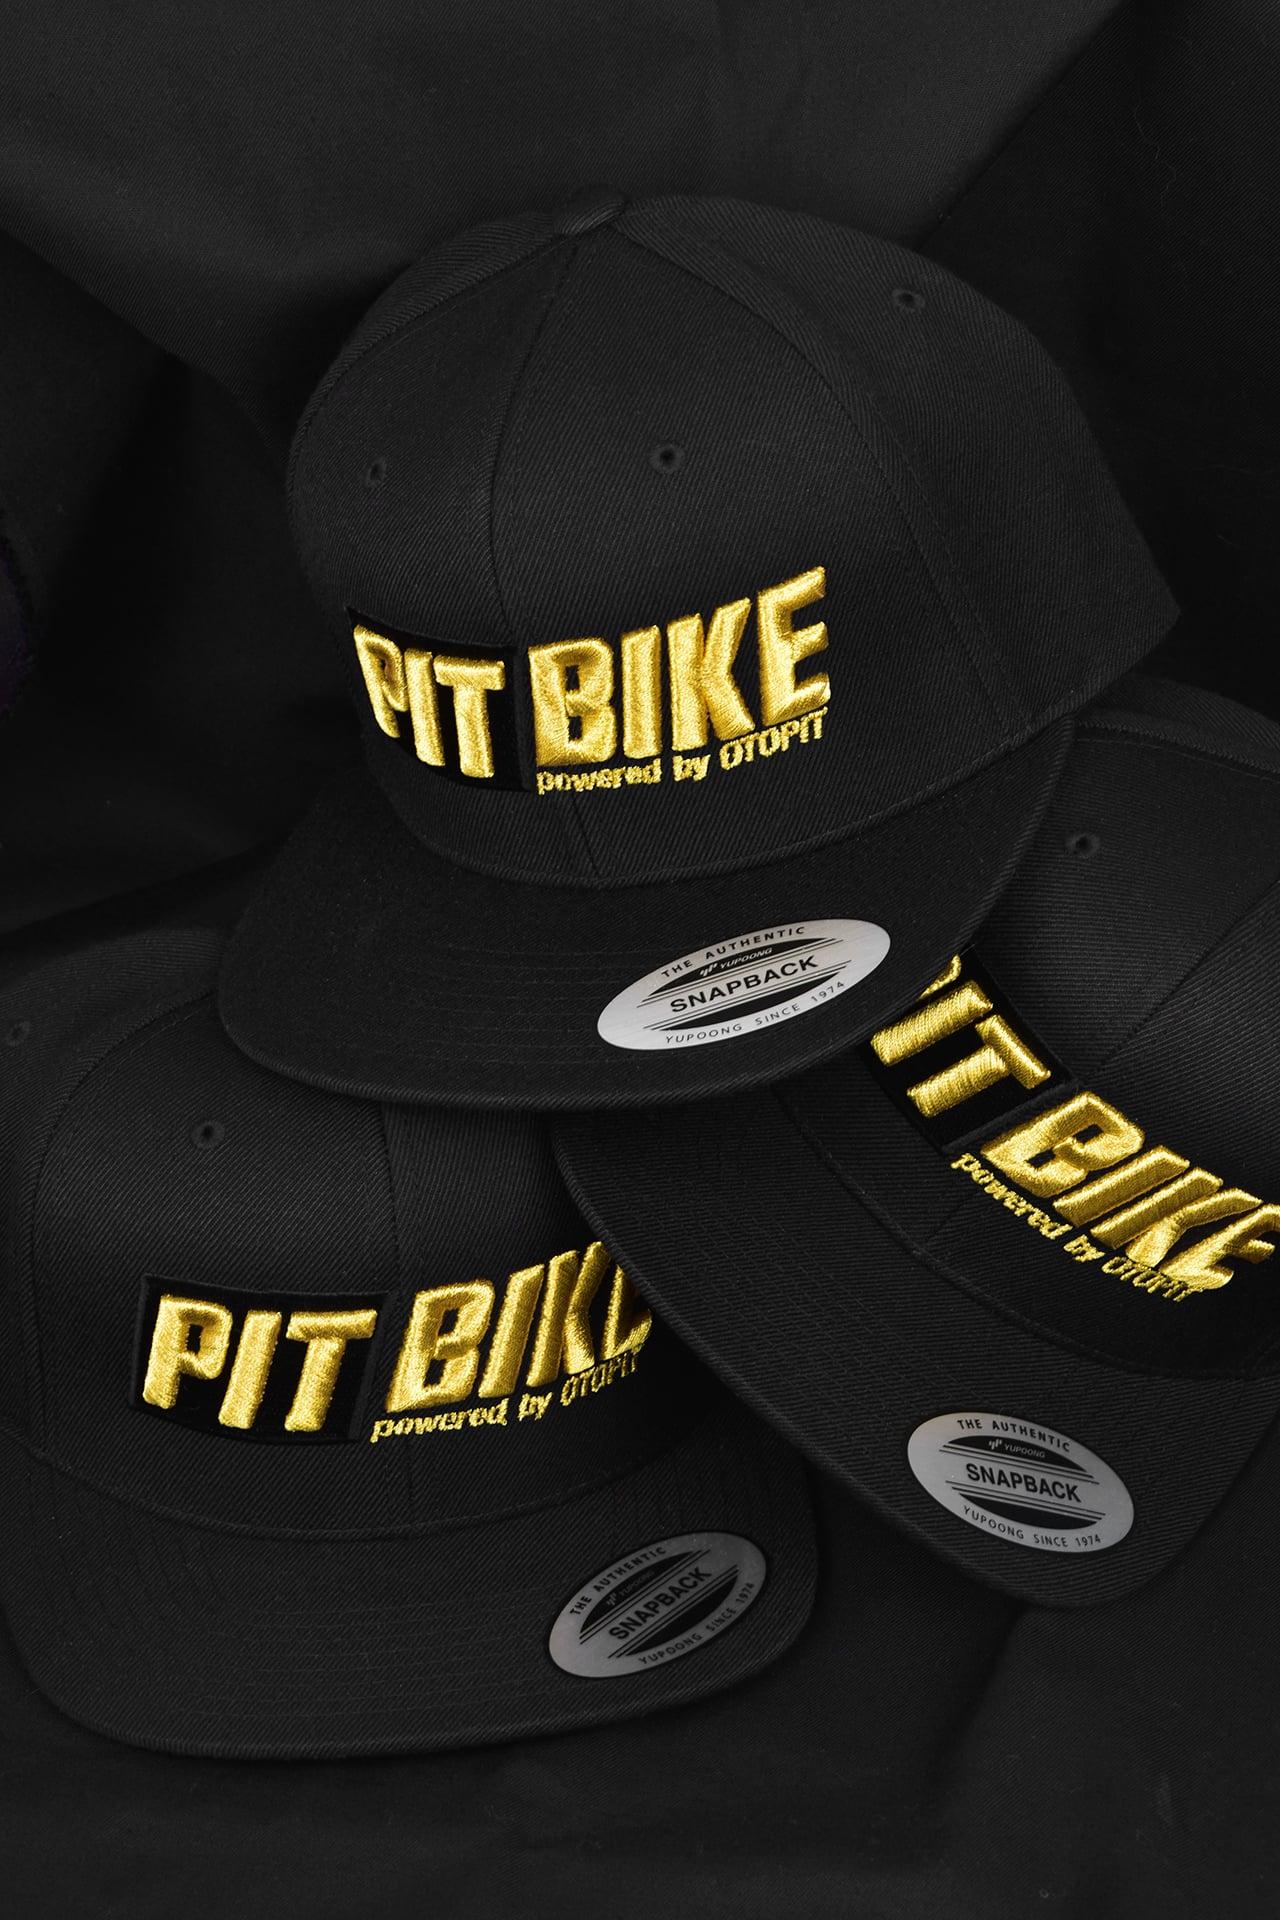 czapki z nadrukiem